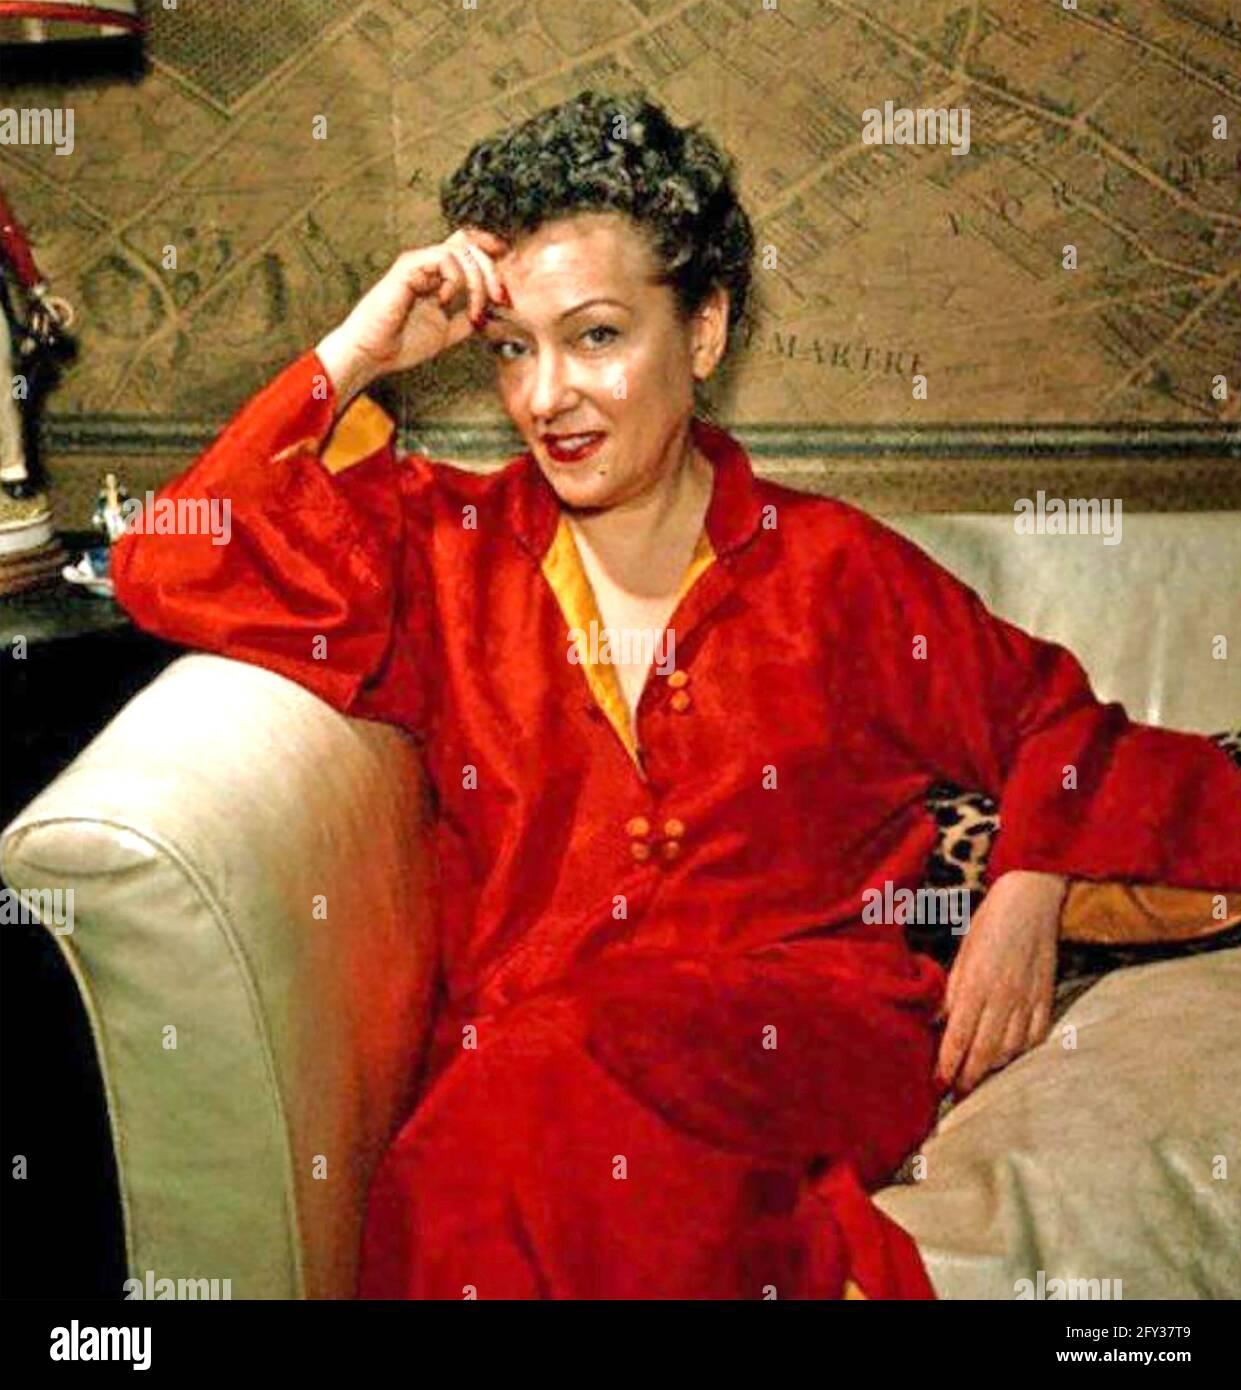 GLORIA SWANSON (1899-1983) actrice américaine vers 1950 Banque D'Images